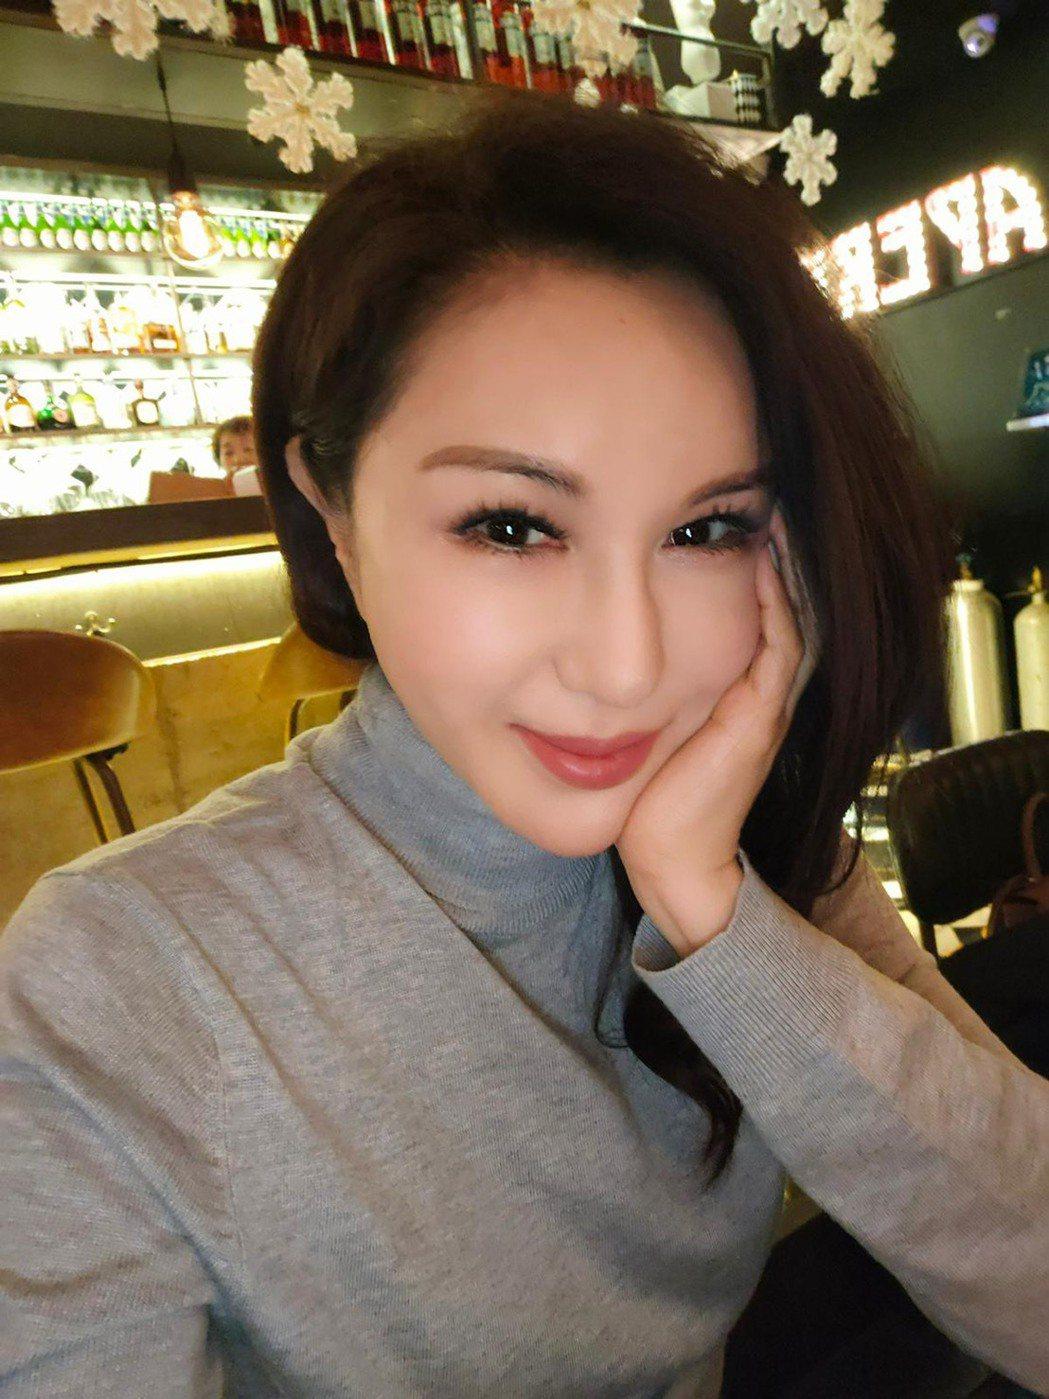 利菁在上直播前自拍,她說正為事業衝刺,並非傳言說得不堪。圖/利菁提供